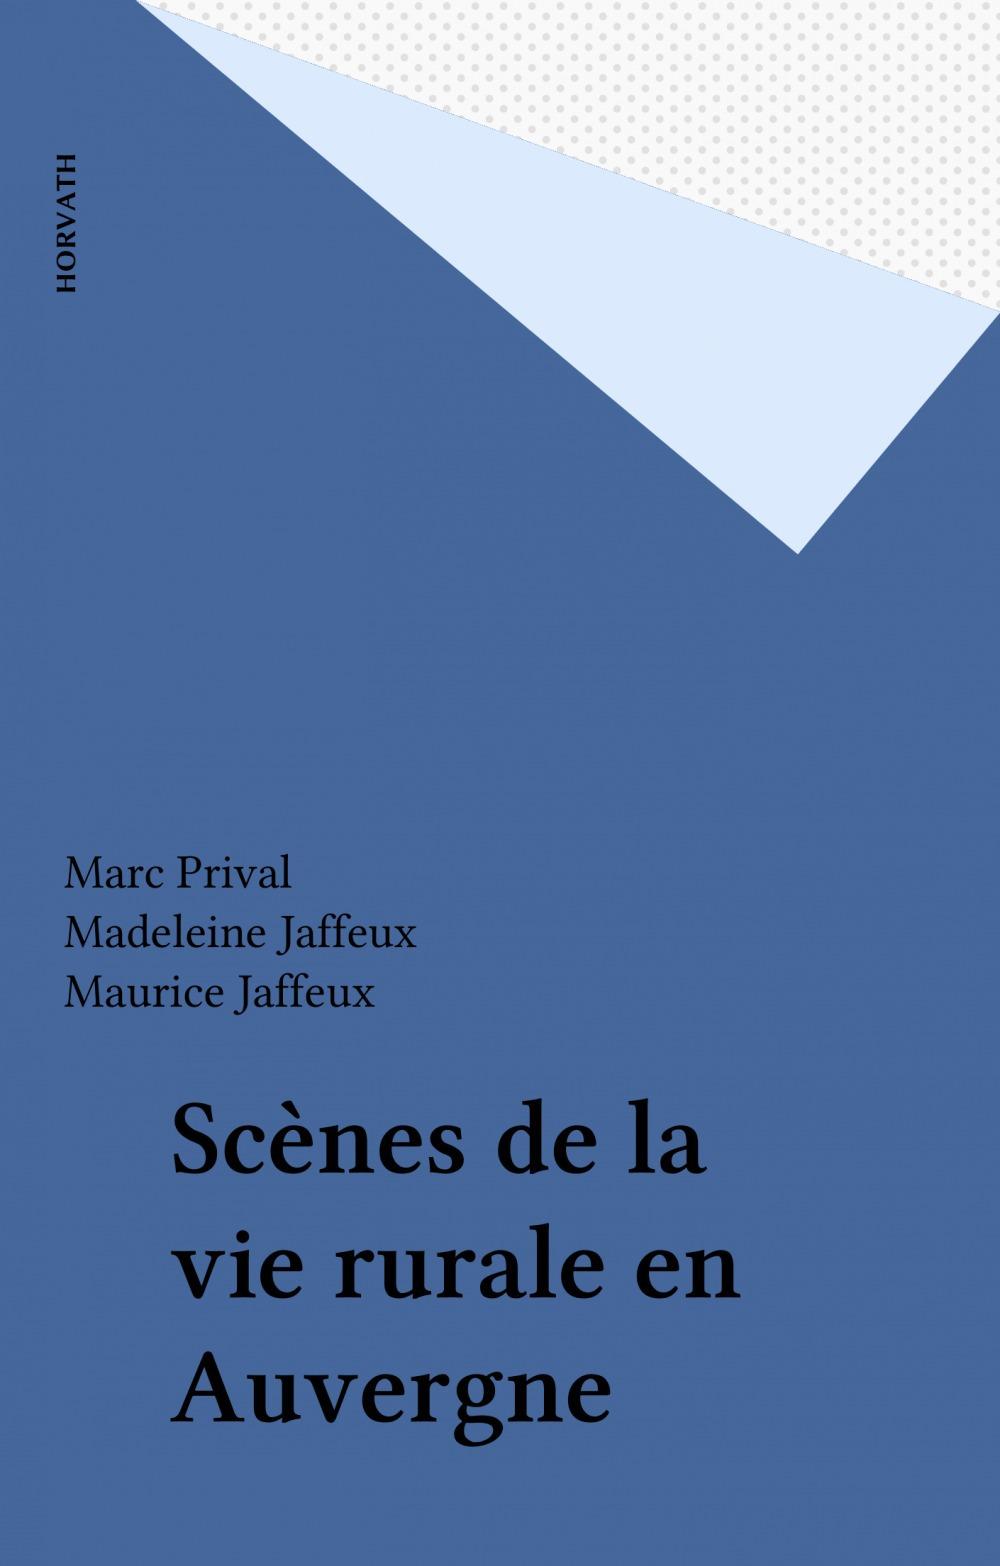 Scènes de la vie rurale en Auvergne  - Maurice Jaffeux  - Marc Prival  - Madeleine Jaffeux